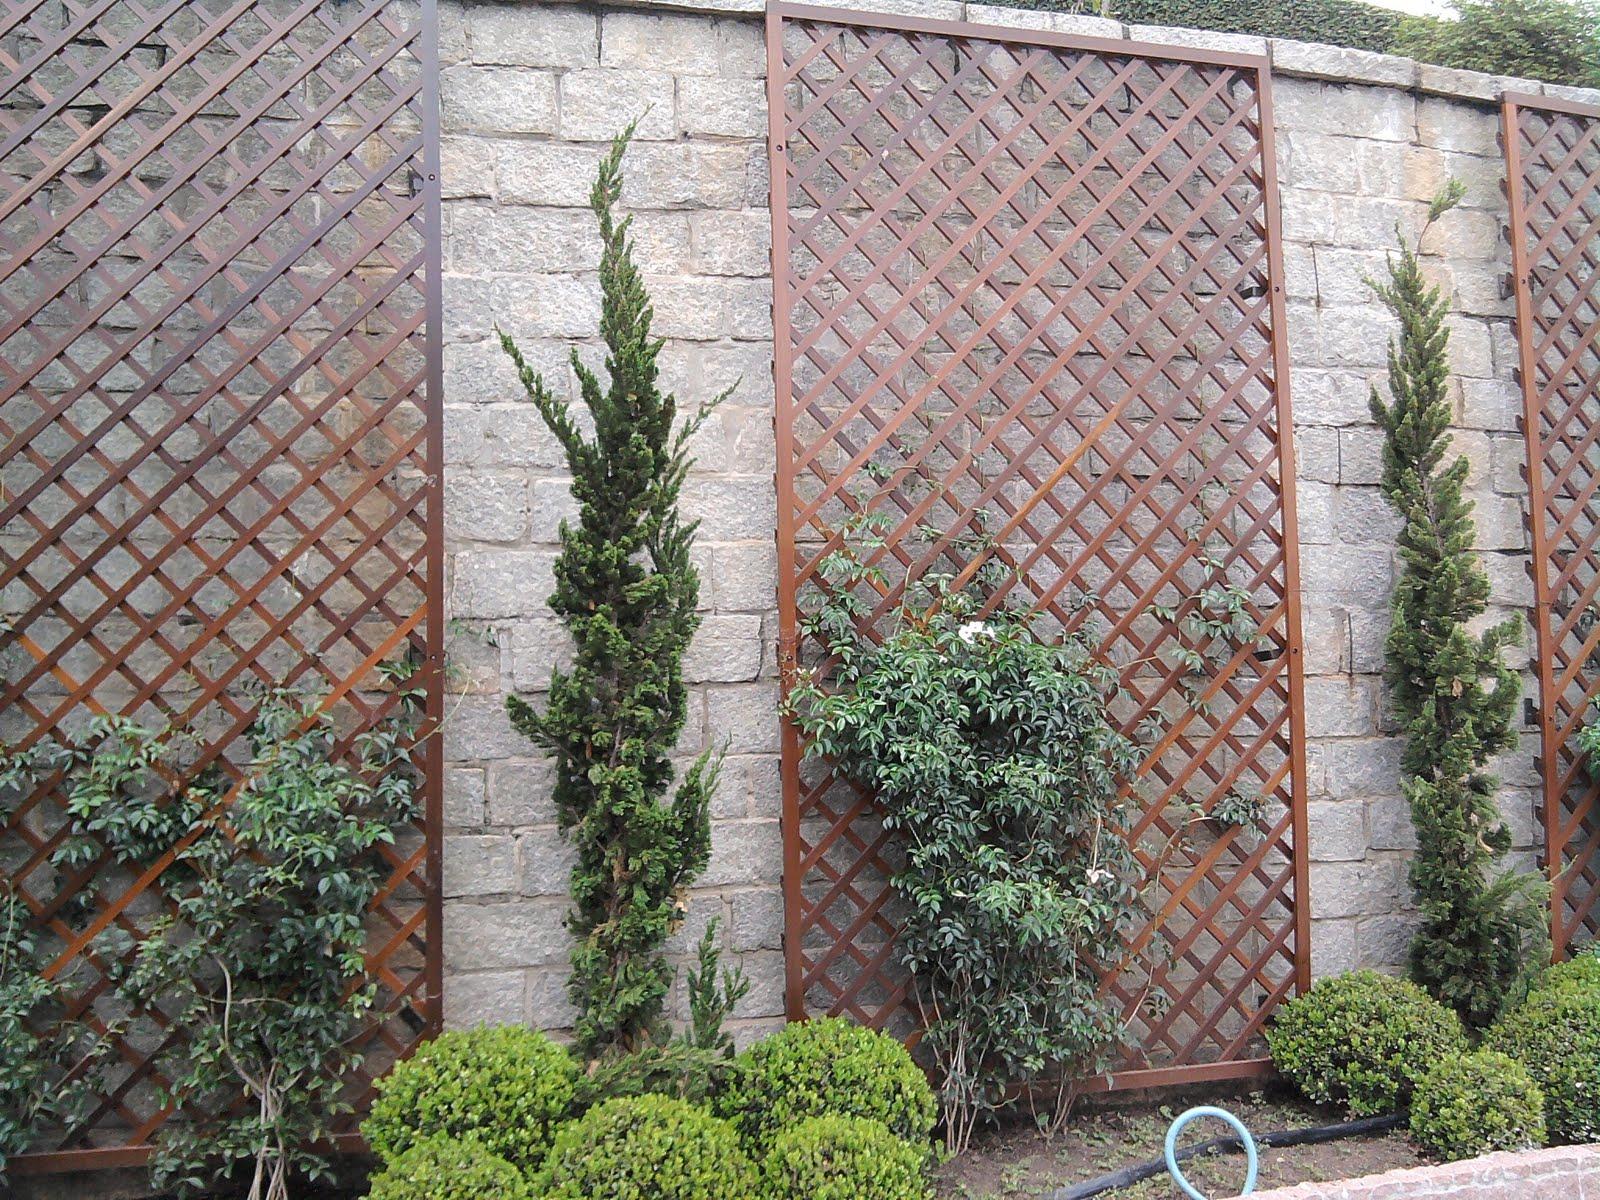 cerca trelica para jardim : trelica para jardim em pvc ? Doitri.com